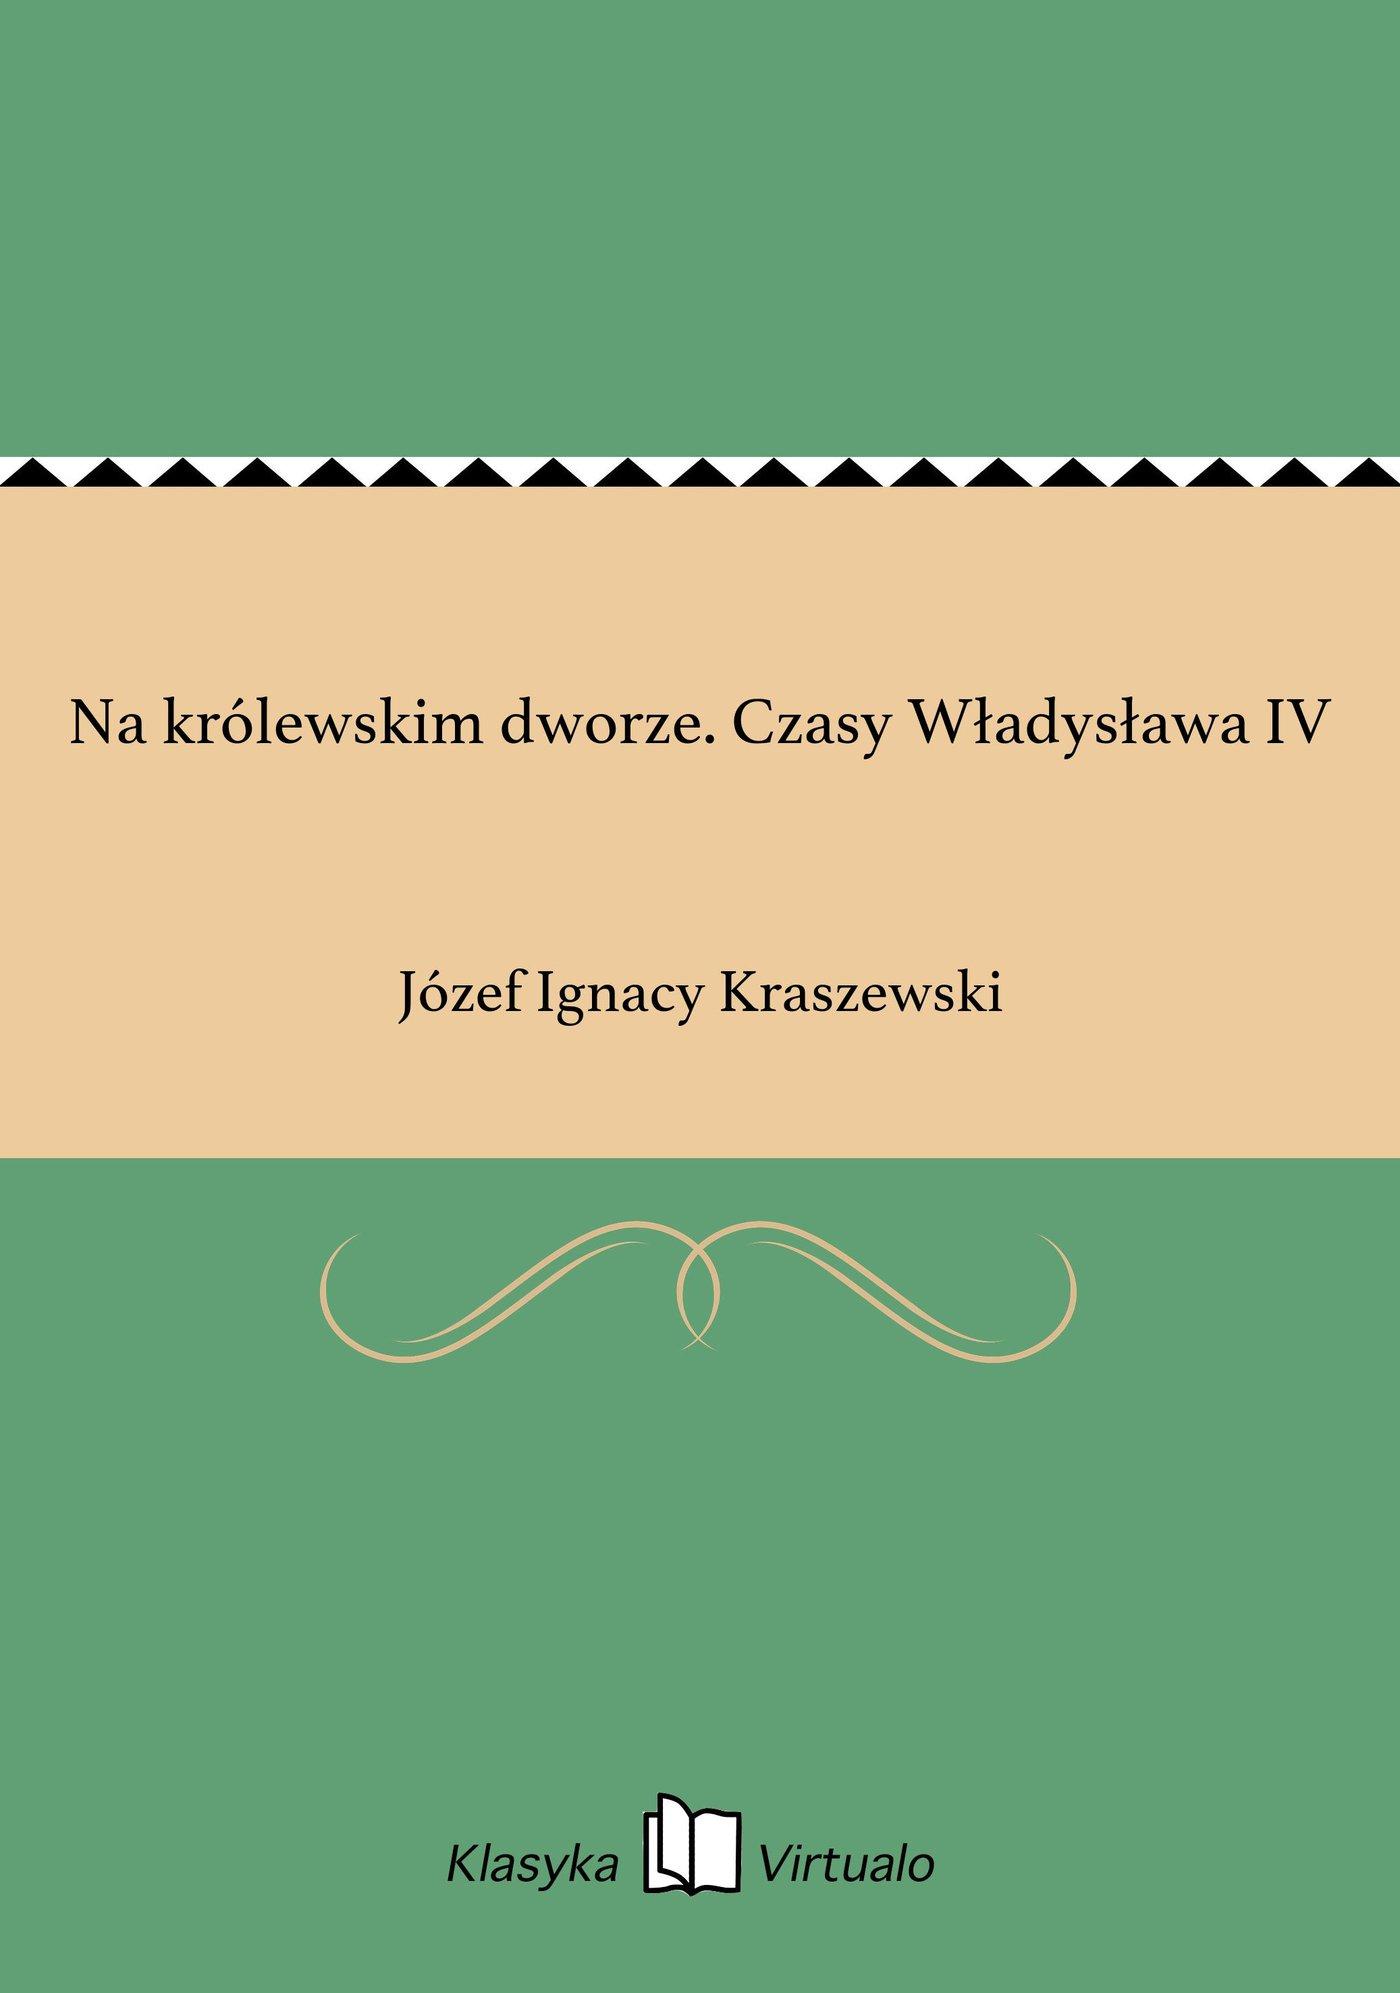 Na królewskim dworze. Czasy Władysława IV - Ebook (Książka na Kindle) do pobrania w formacie MOBI